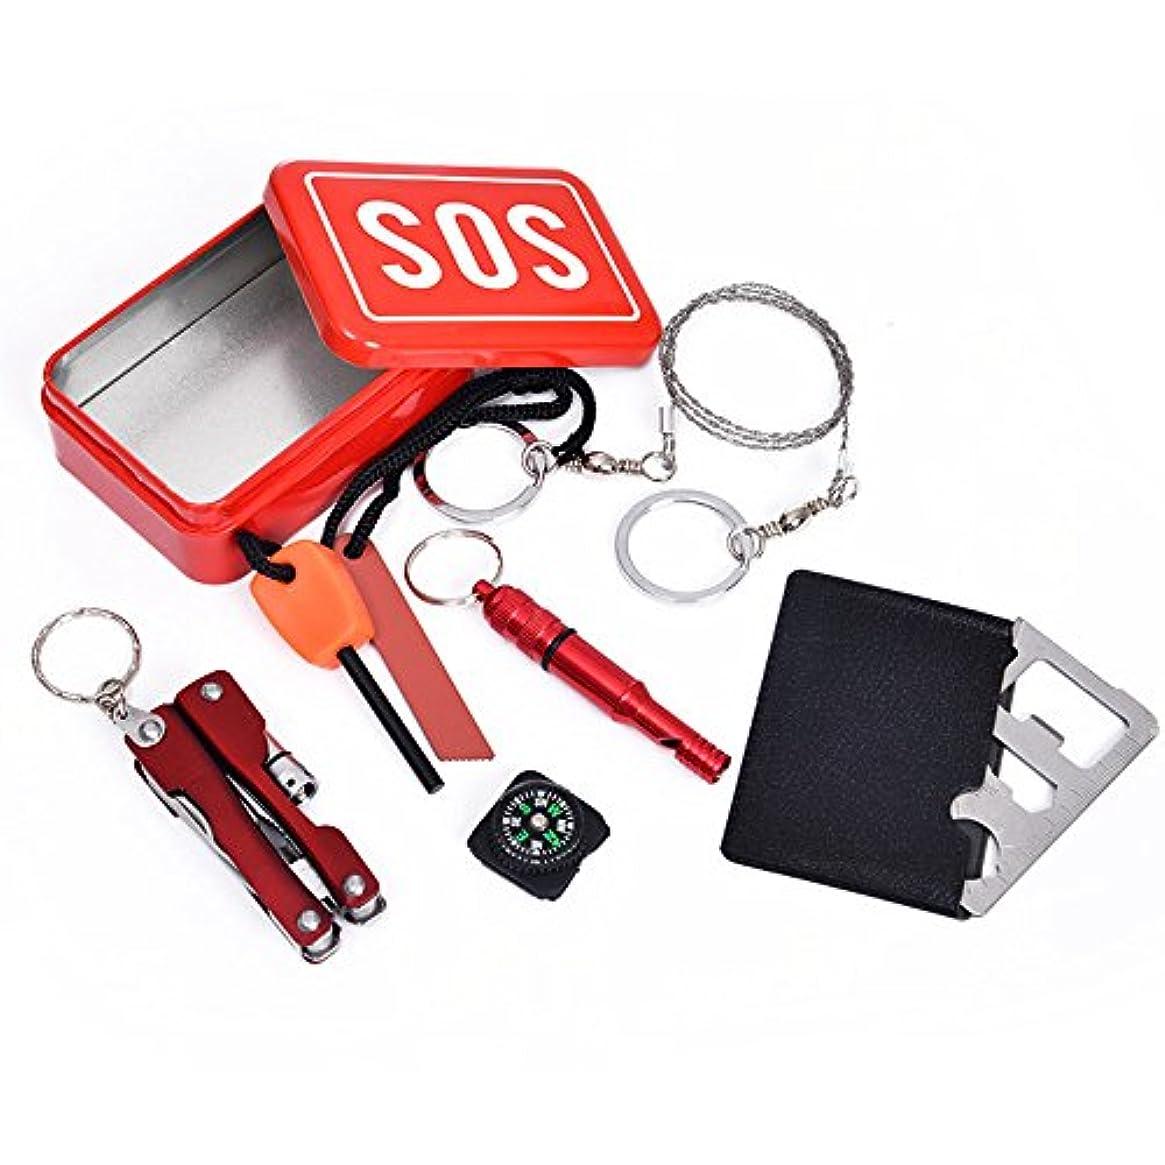 必要マーキー再発するOSOGODE(オソグド)携帯便利なツールセット いざと言う時に役立つ SOS アウトドア? 緊急 キャンプ 災害時 防災グッズ 方位磁石 旅行/ハイキング/サイクリング/クライミング/狩猟のため アウトドア グッズ